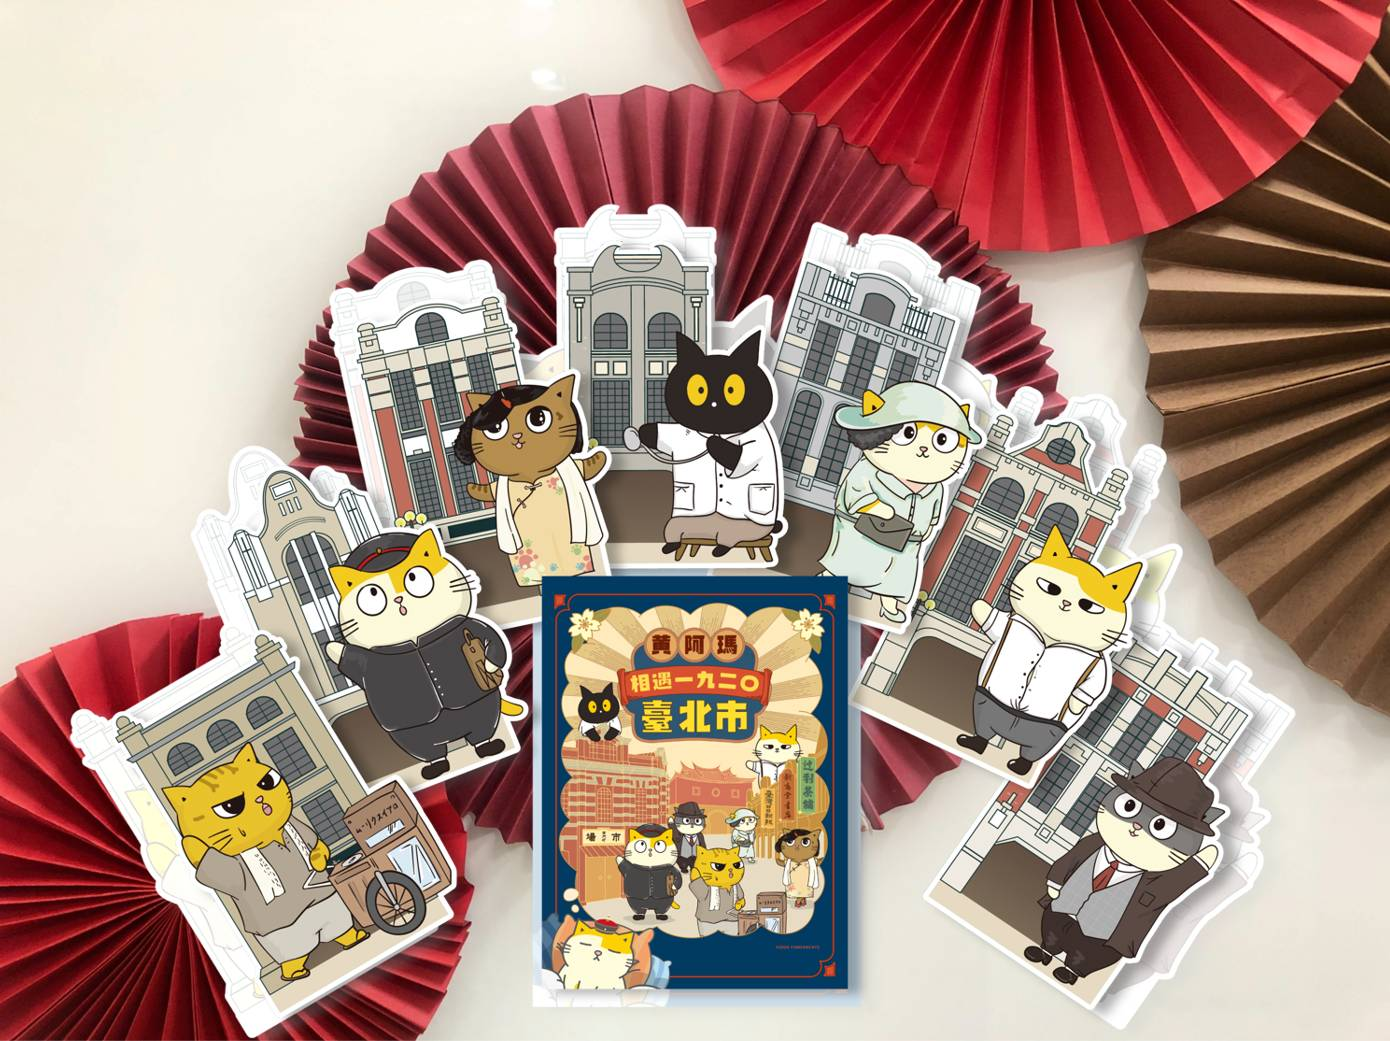 《黃阿瑪相遇1920臺北市》  特展限定百年禮盒、明信片,農曆新年期間打卡享6折優惠!